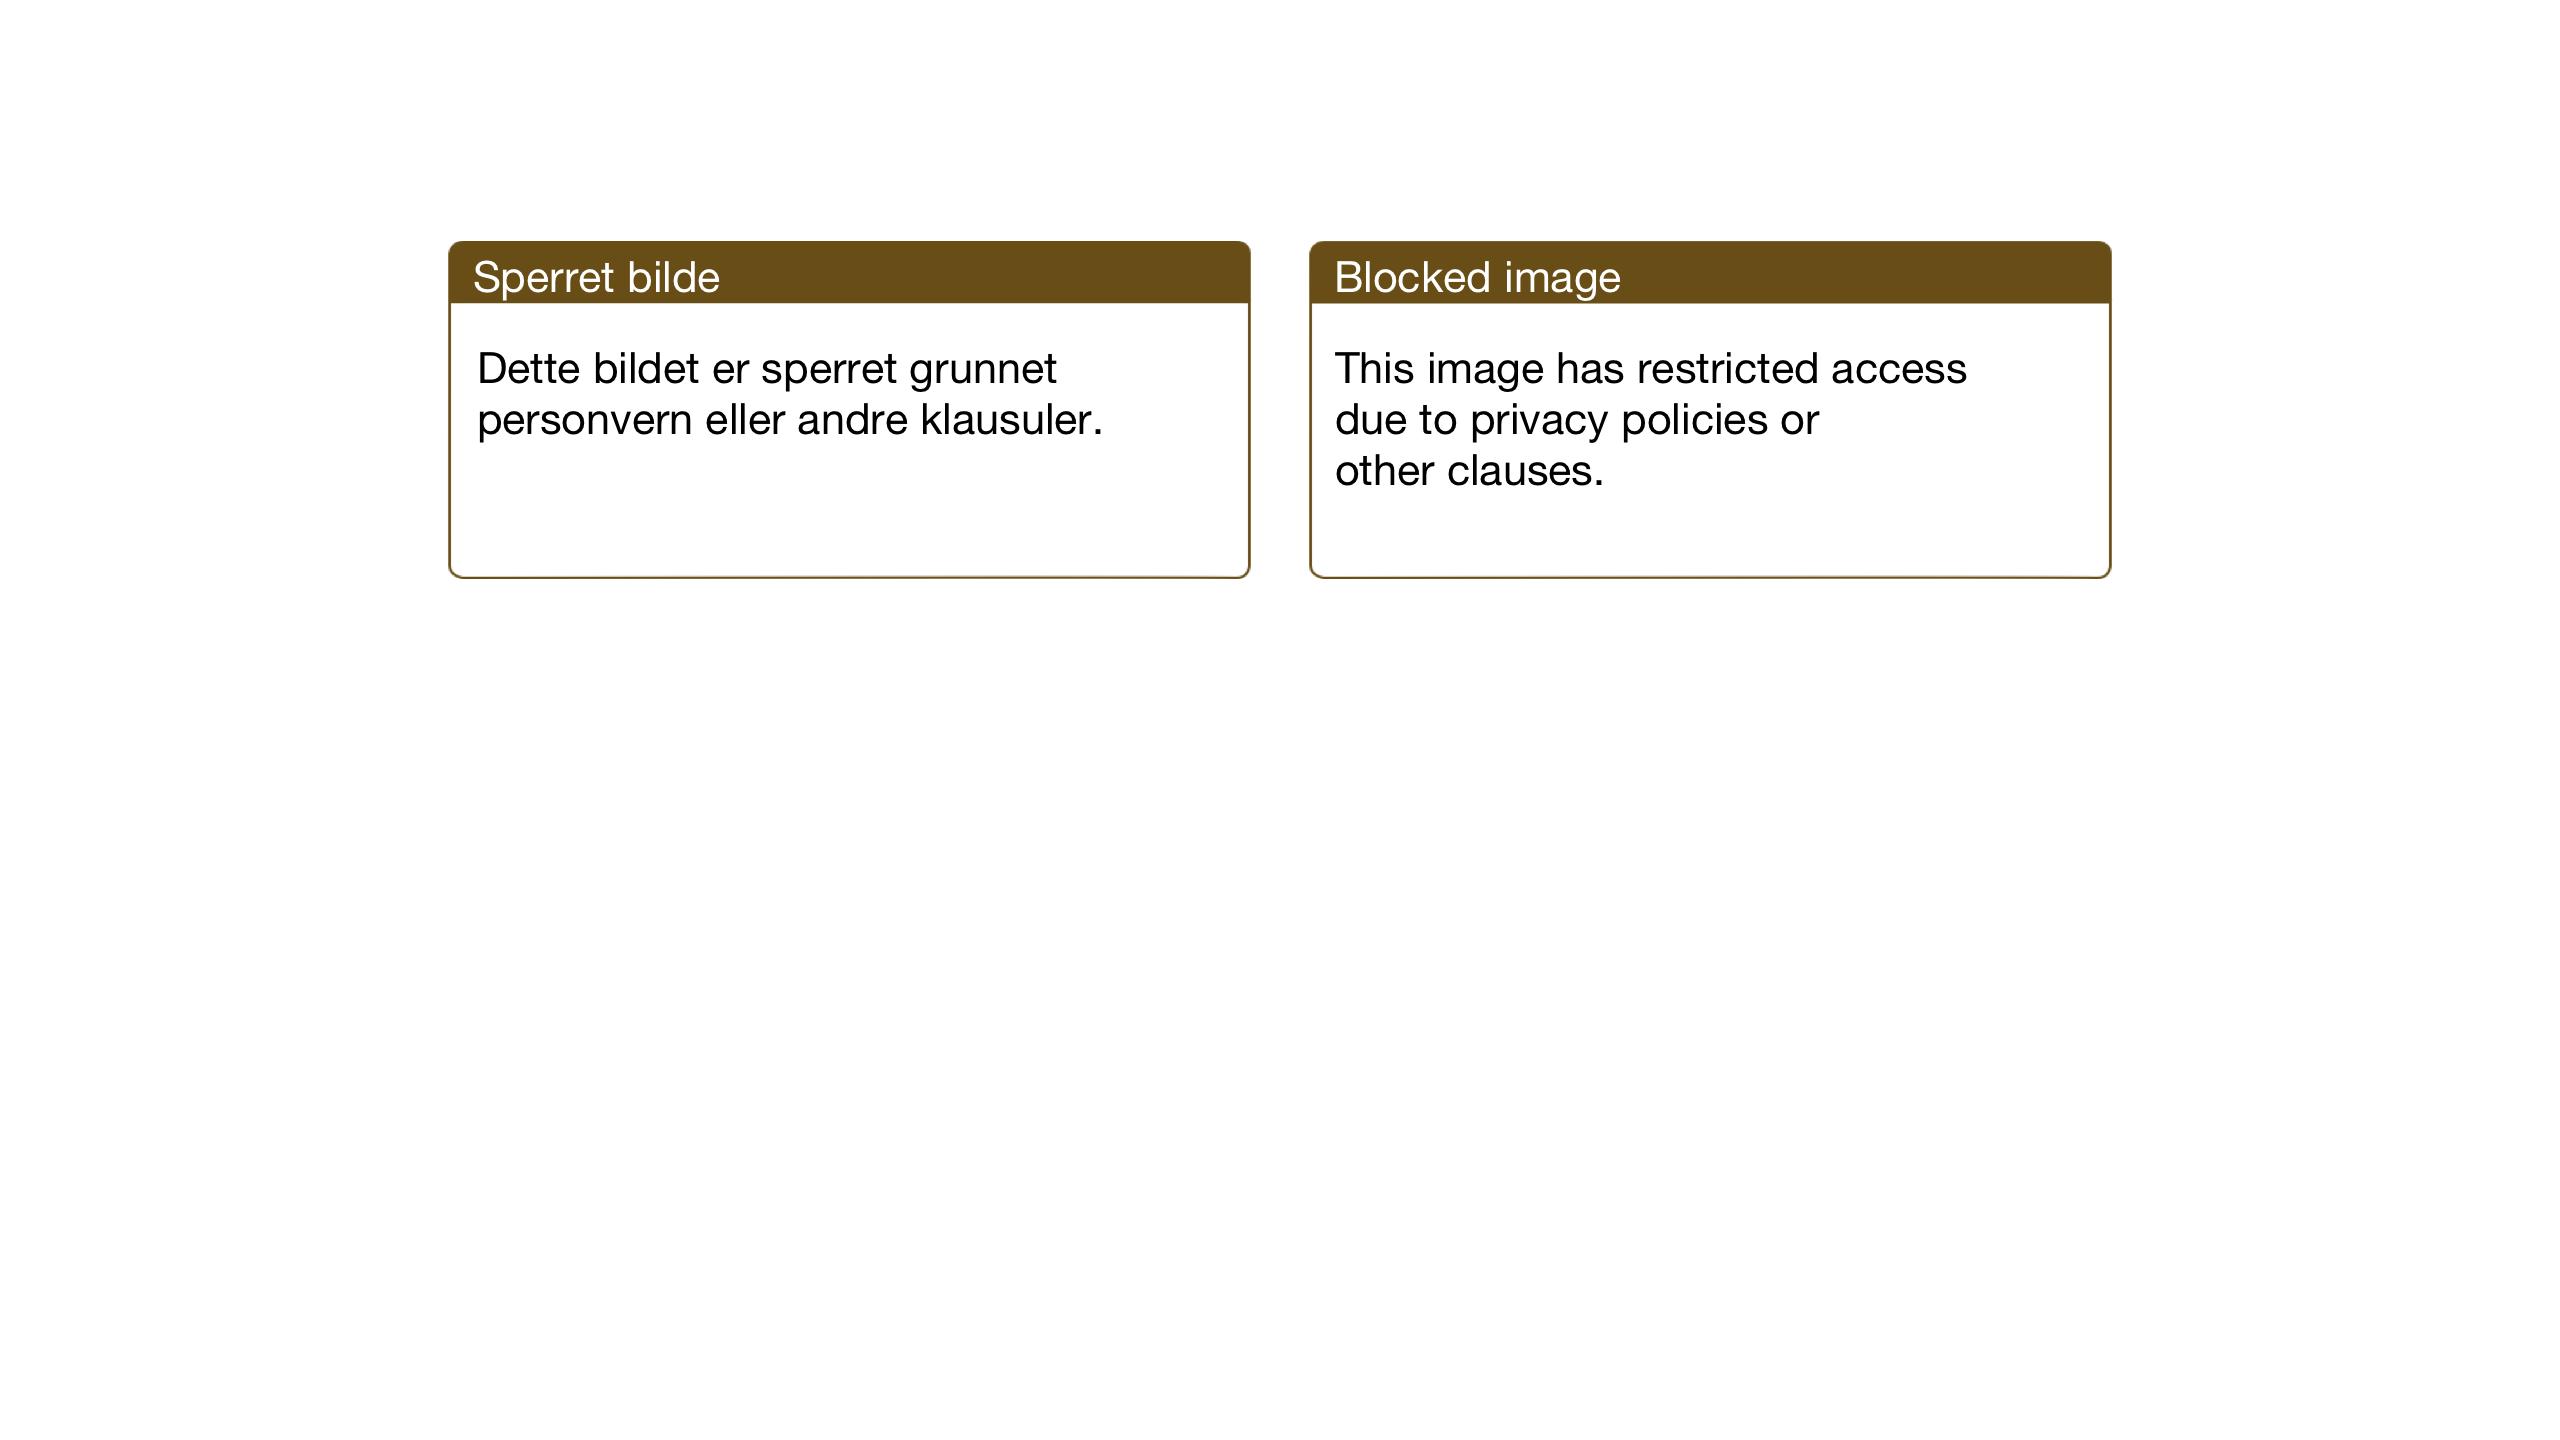 SAT, Ministerialprotokoller, klokkerbøker og fødselsregistre - Sør-Trøndelag, 637/L0564: Klokkerbok nr. 637C05, 1928-1968, s. 226